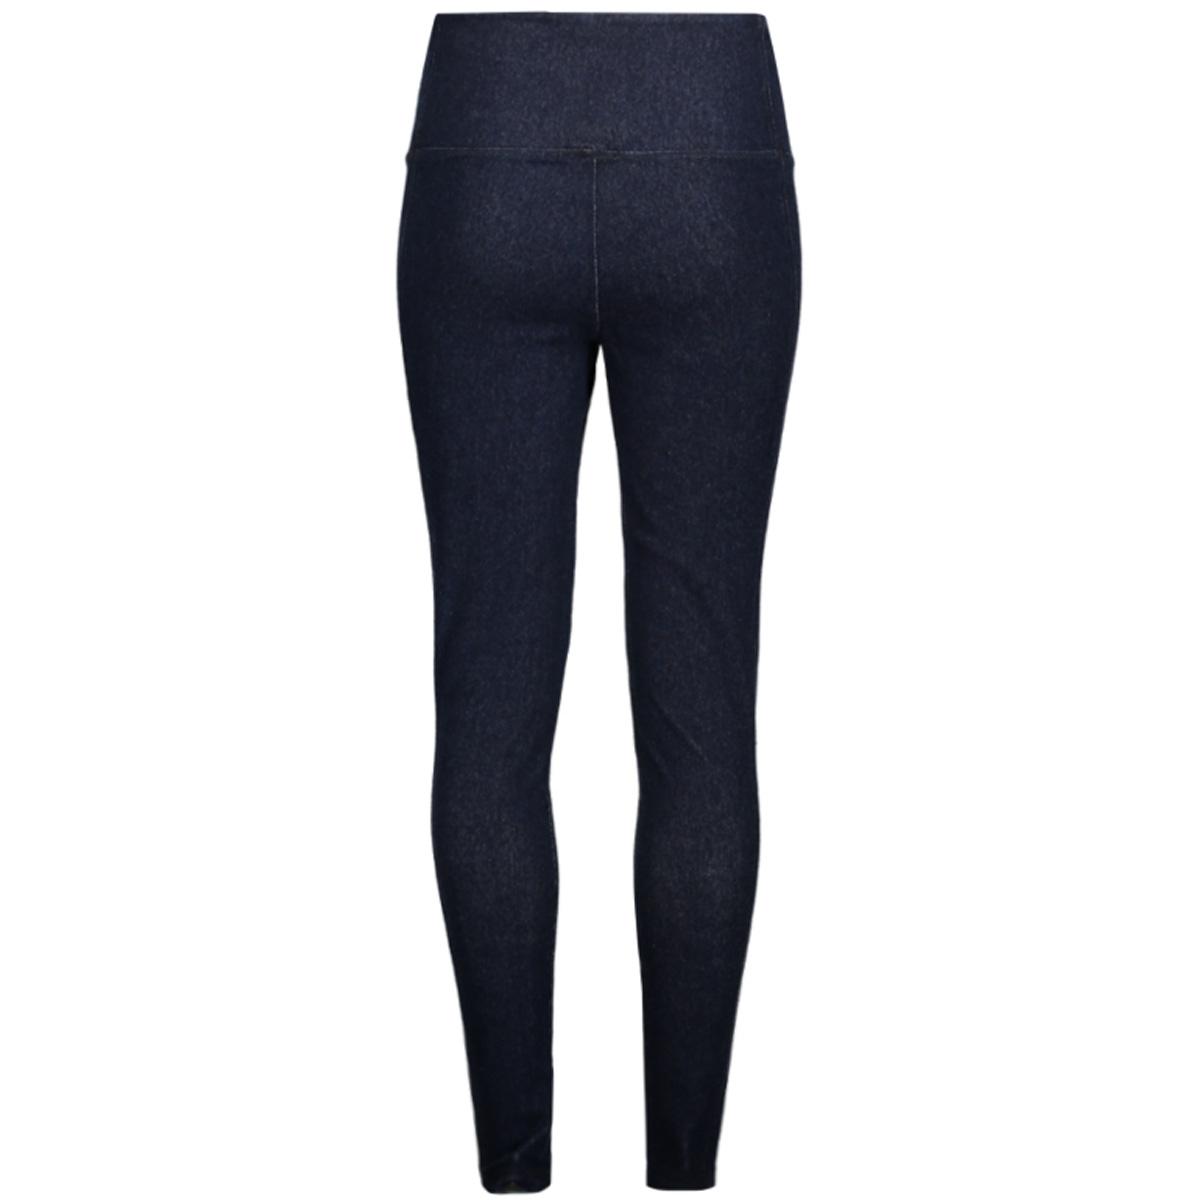 20-038-7103 10 days legging black blue